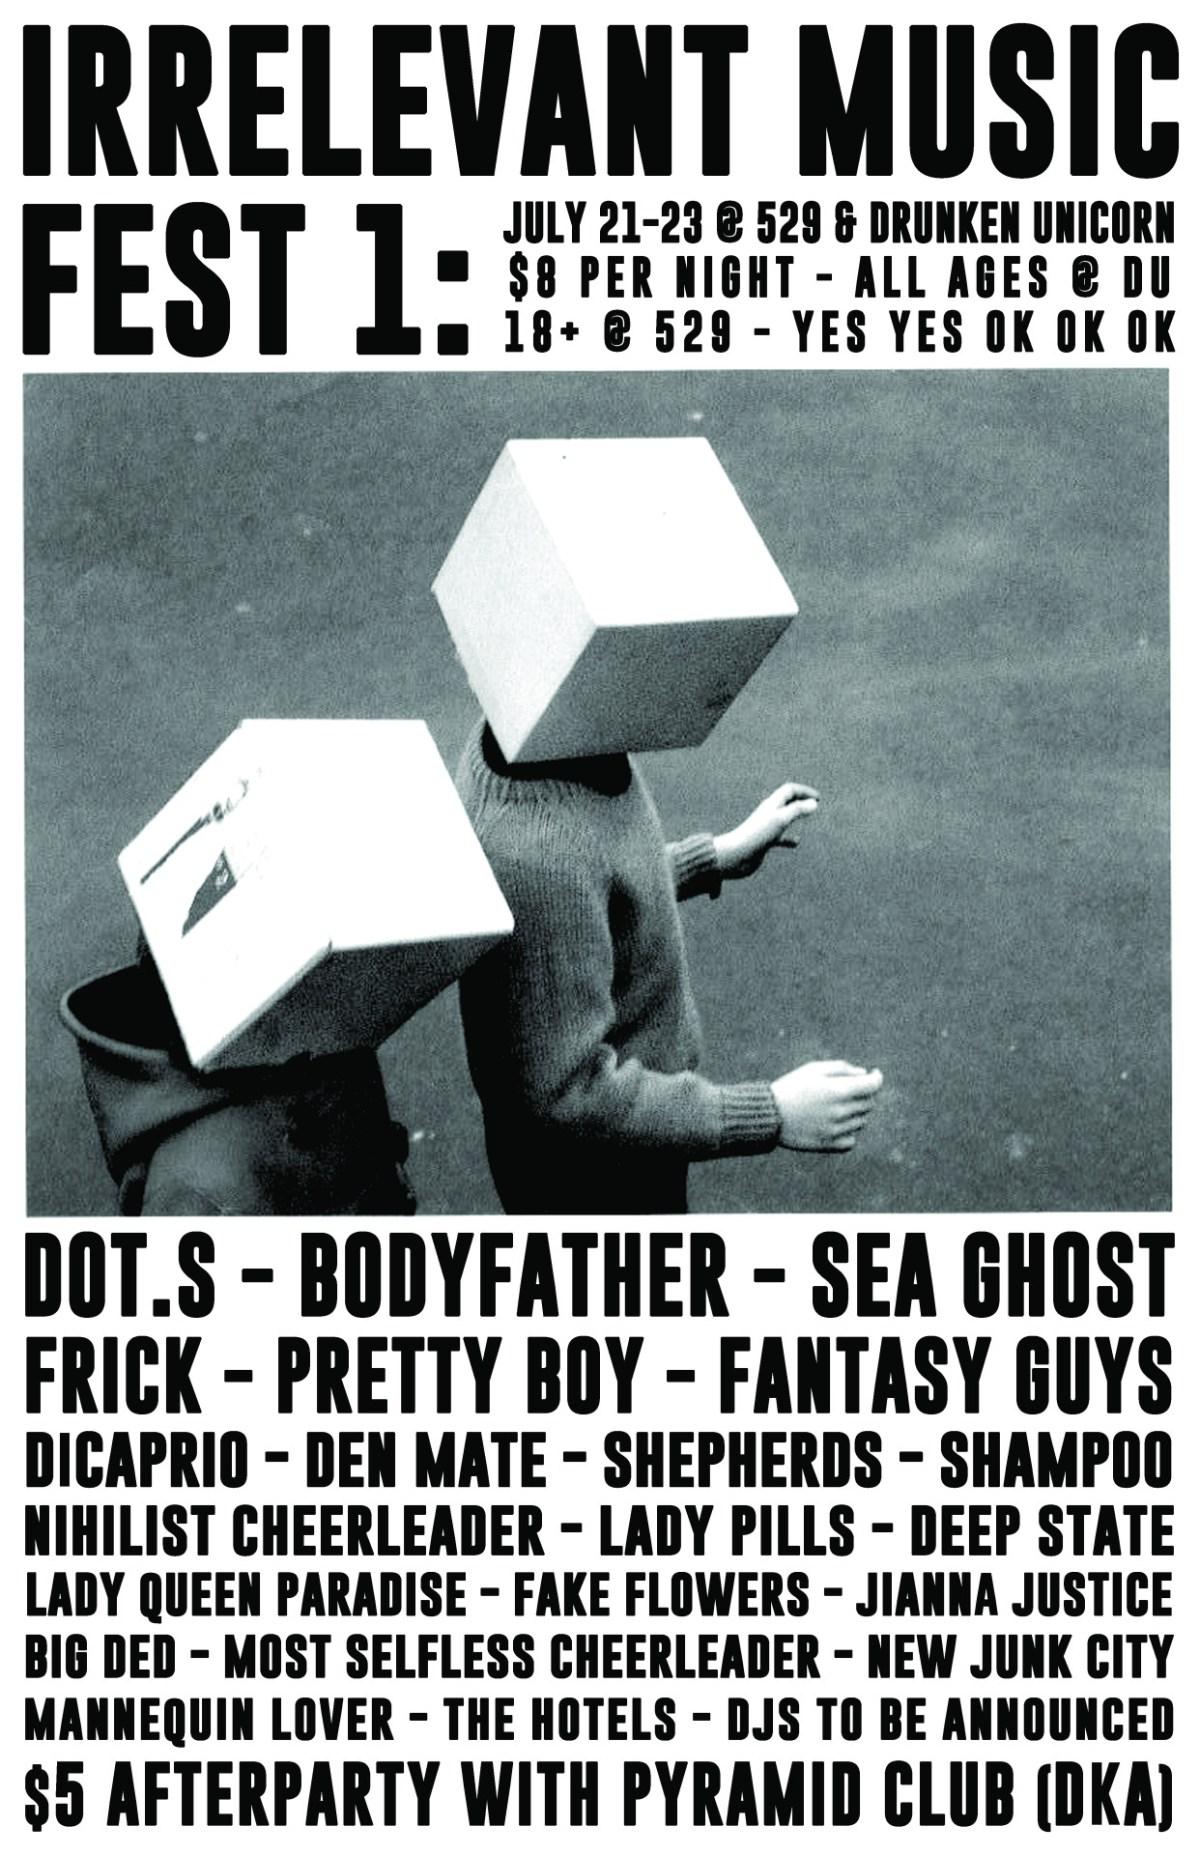 Irrelevant Music Fest 1